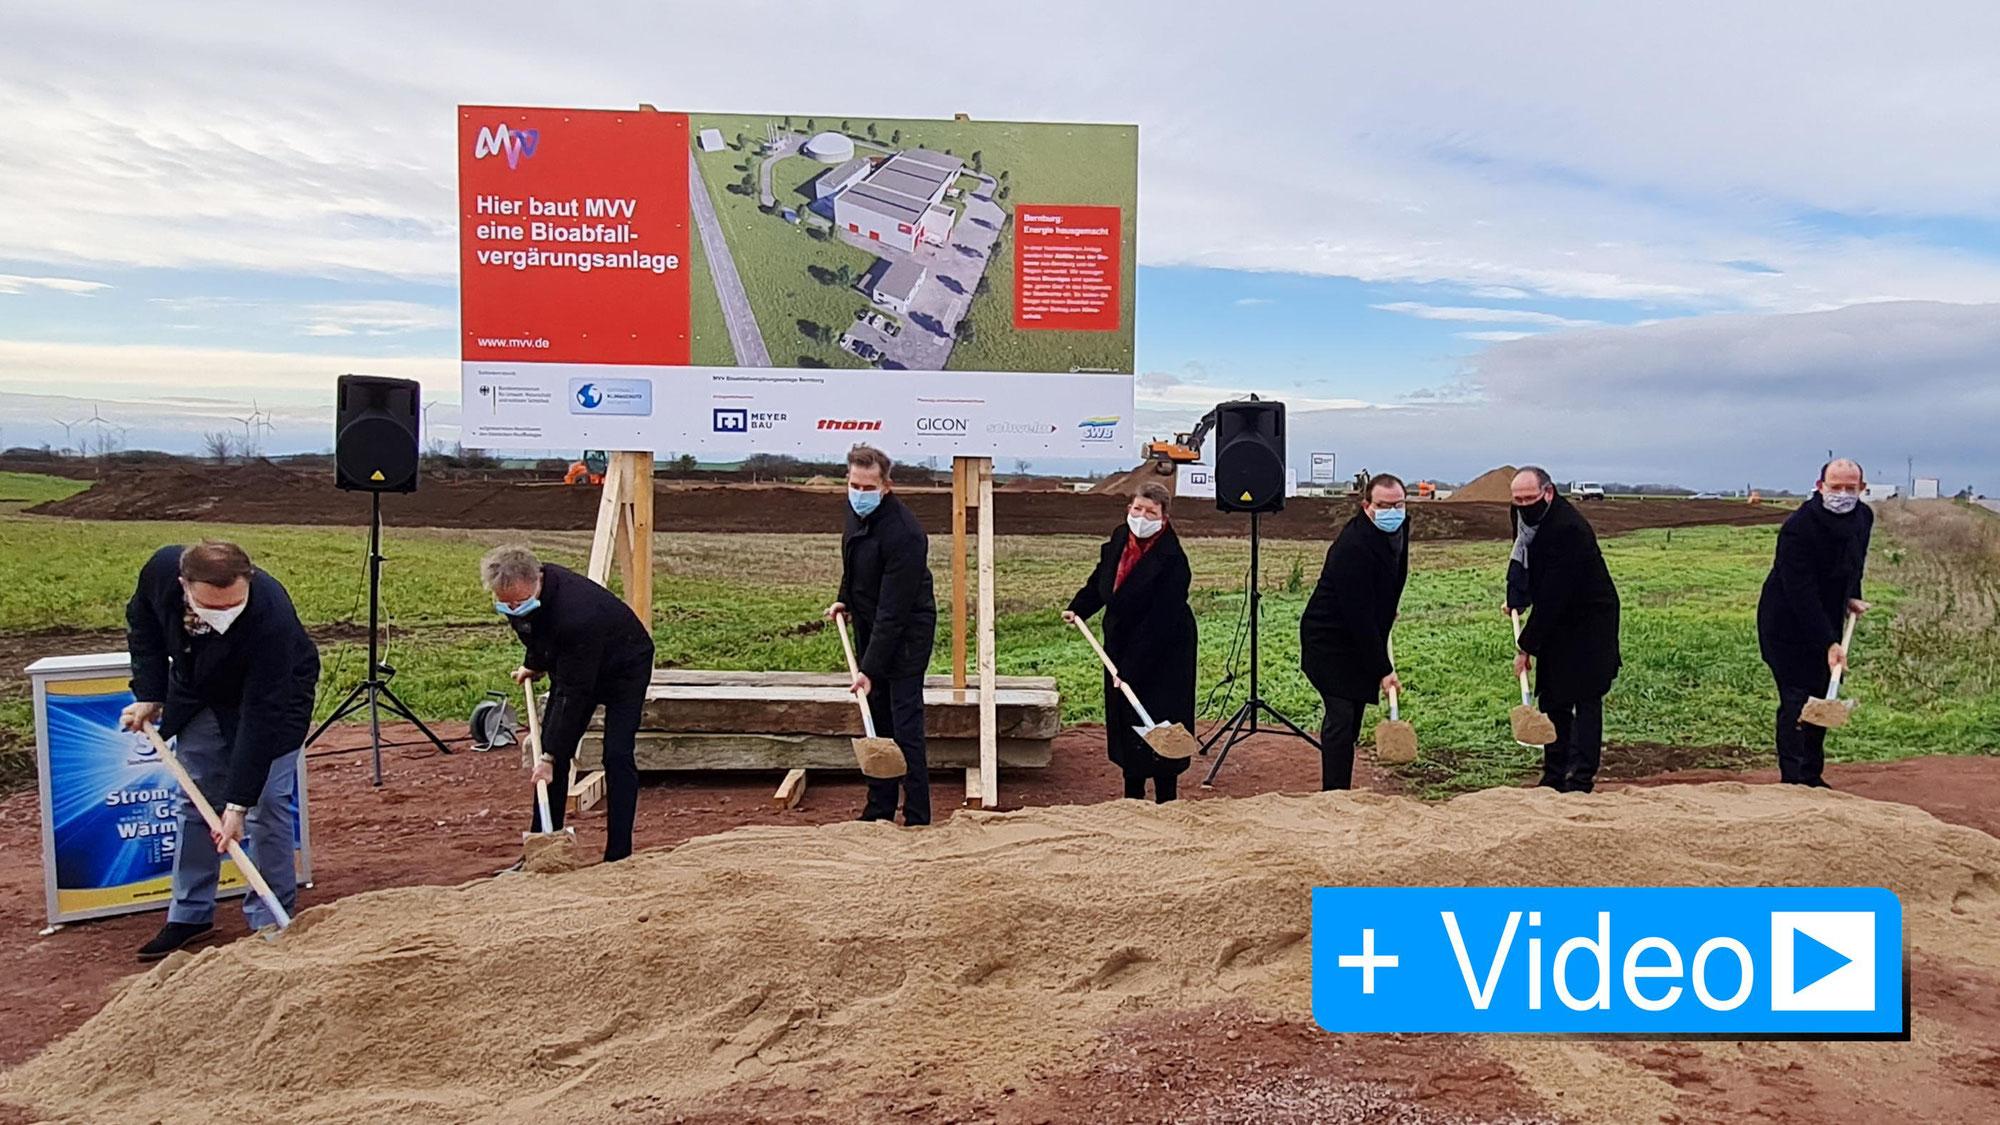 Spatenstich für MVV-Bioabfallvergärungsanlage in Bernburg